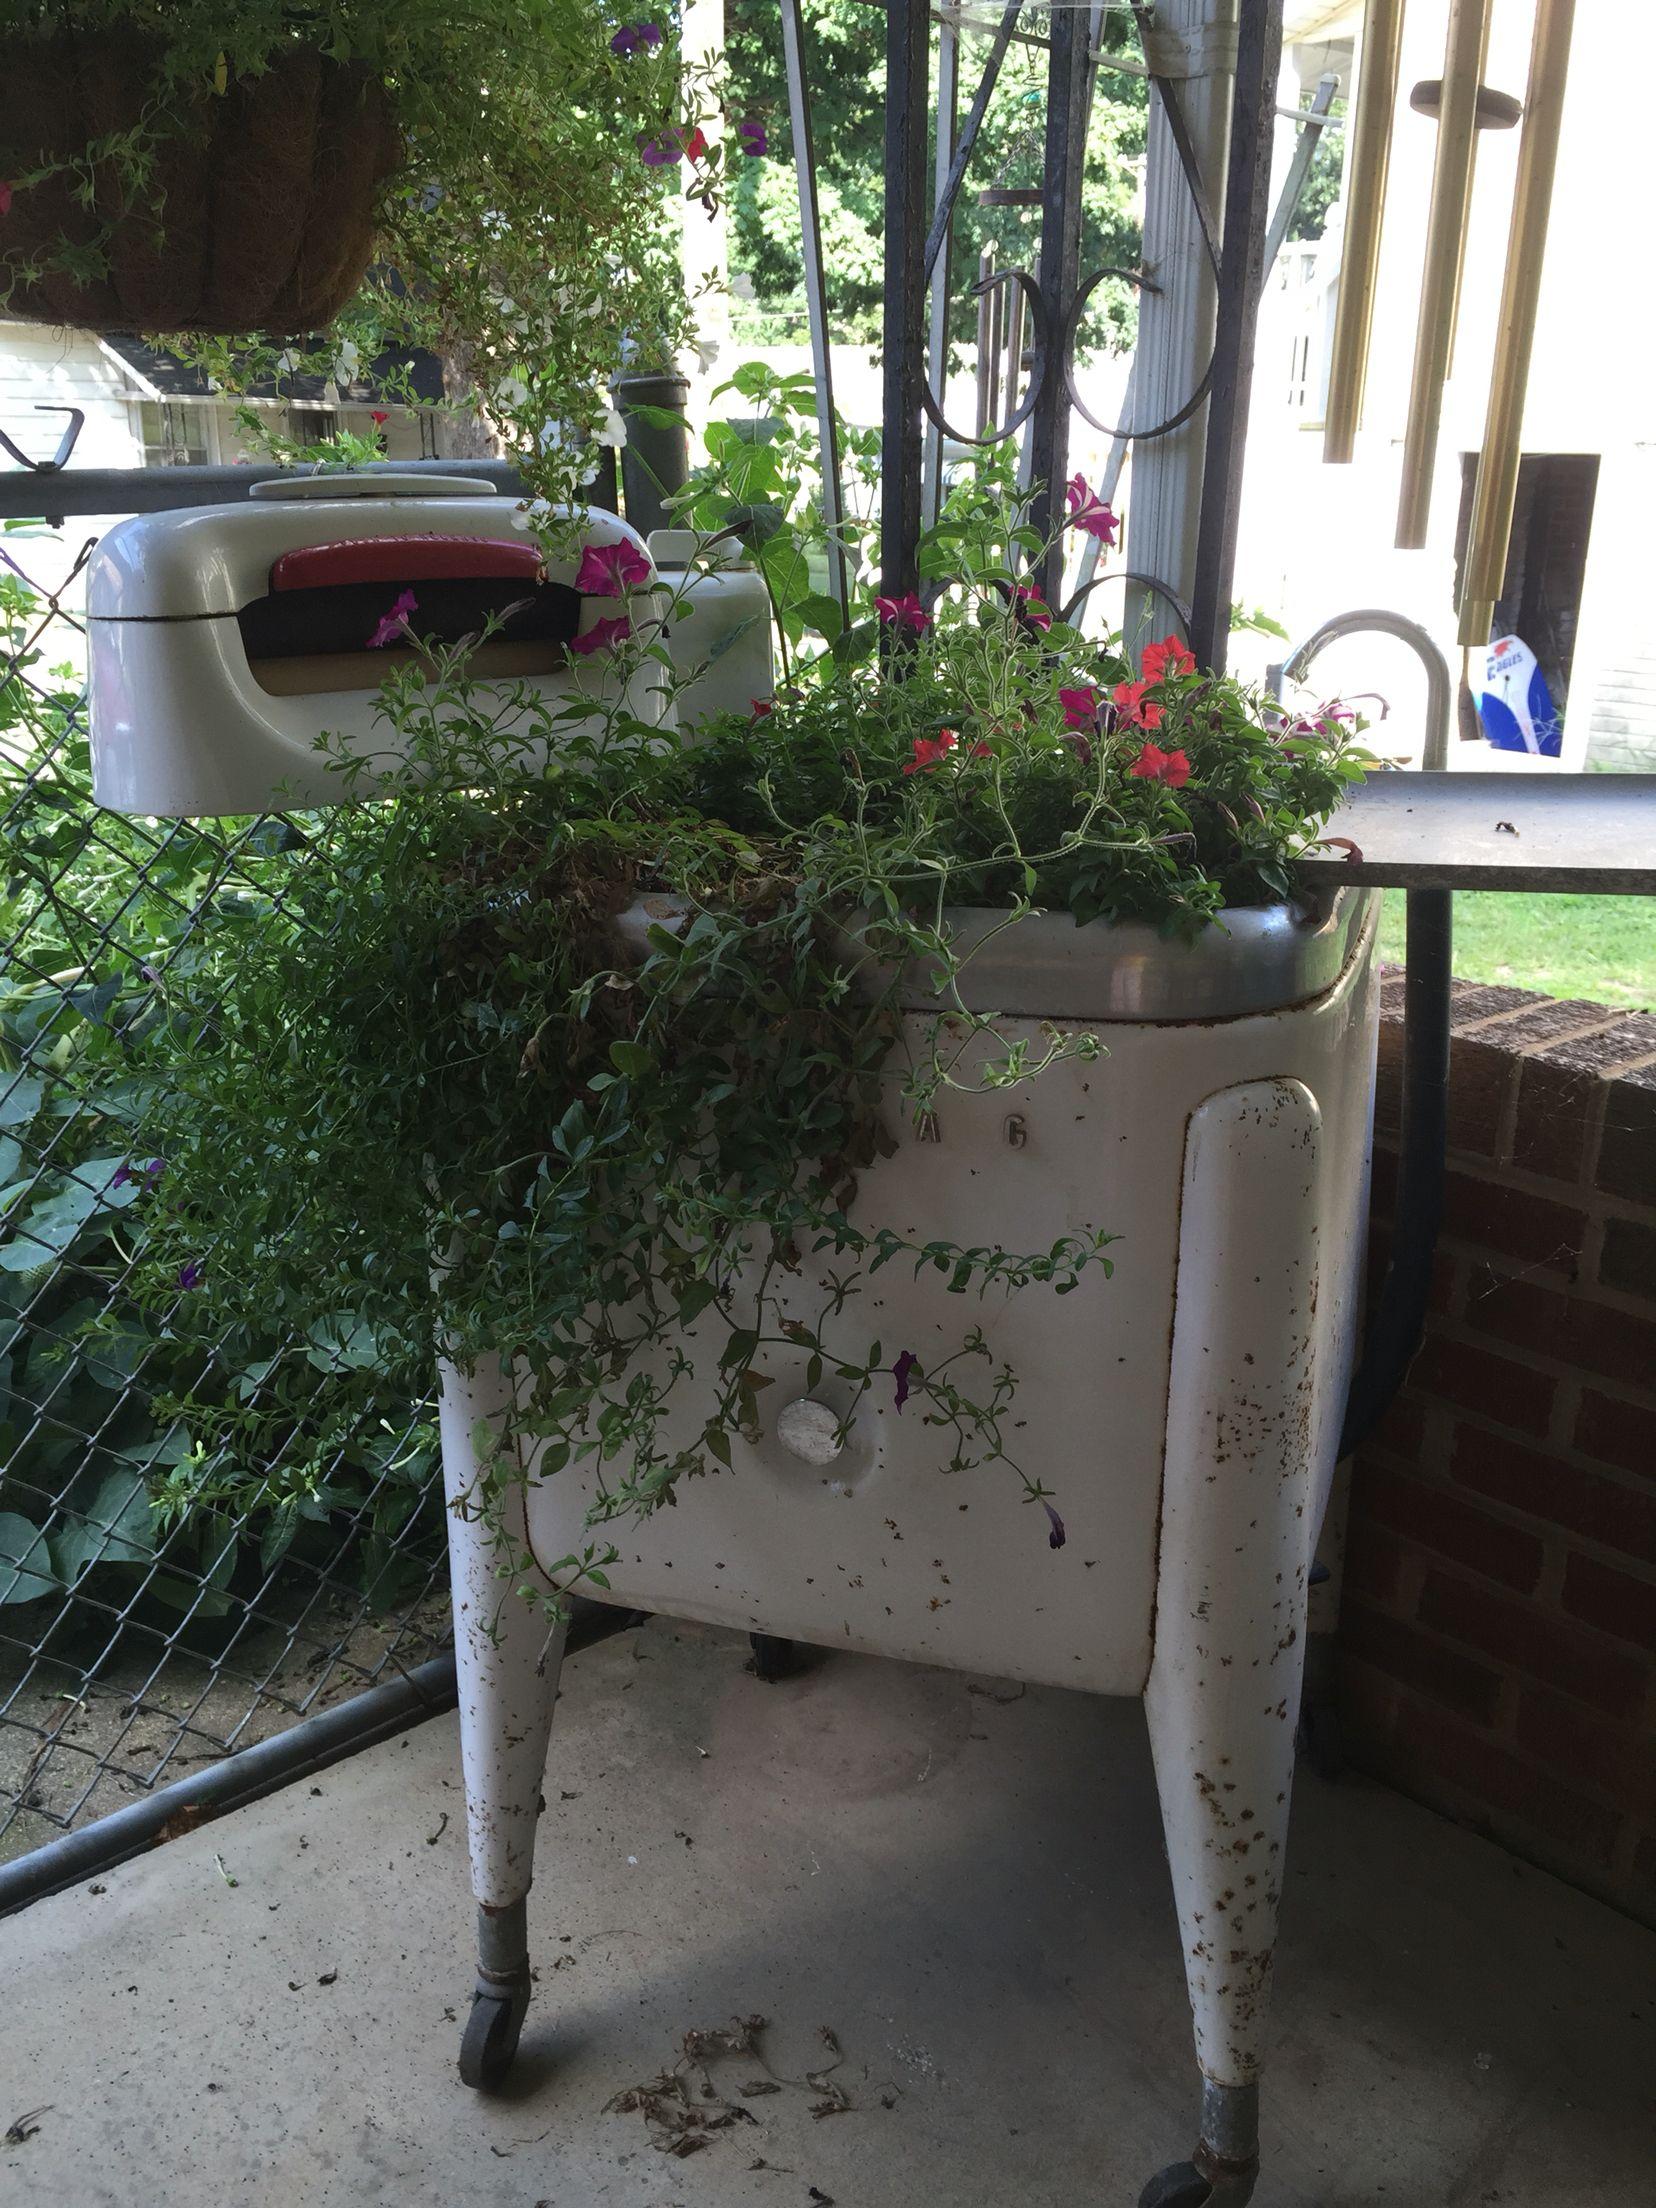 Antique Wringer Washer I Made Into A Planter Old Washing Machine Wringer Washer Vintage Washing Machine Planter